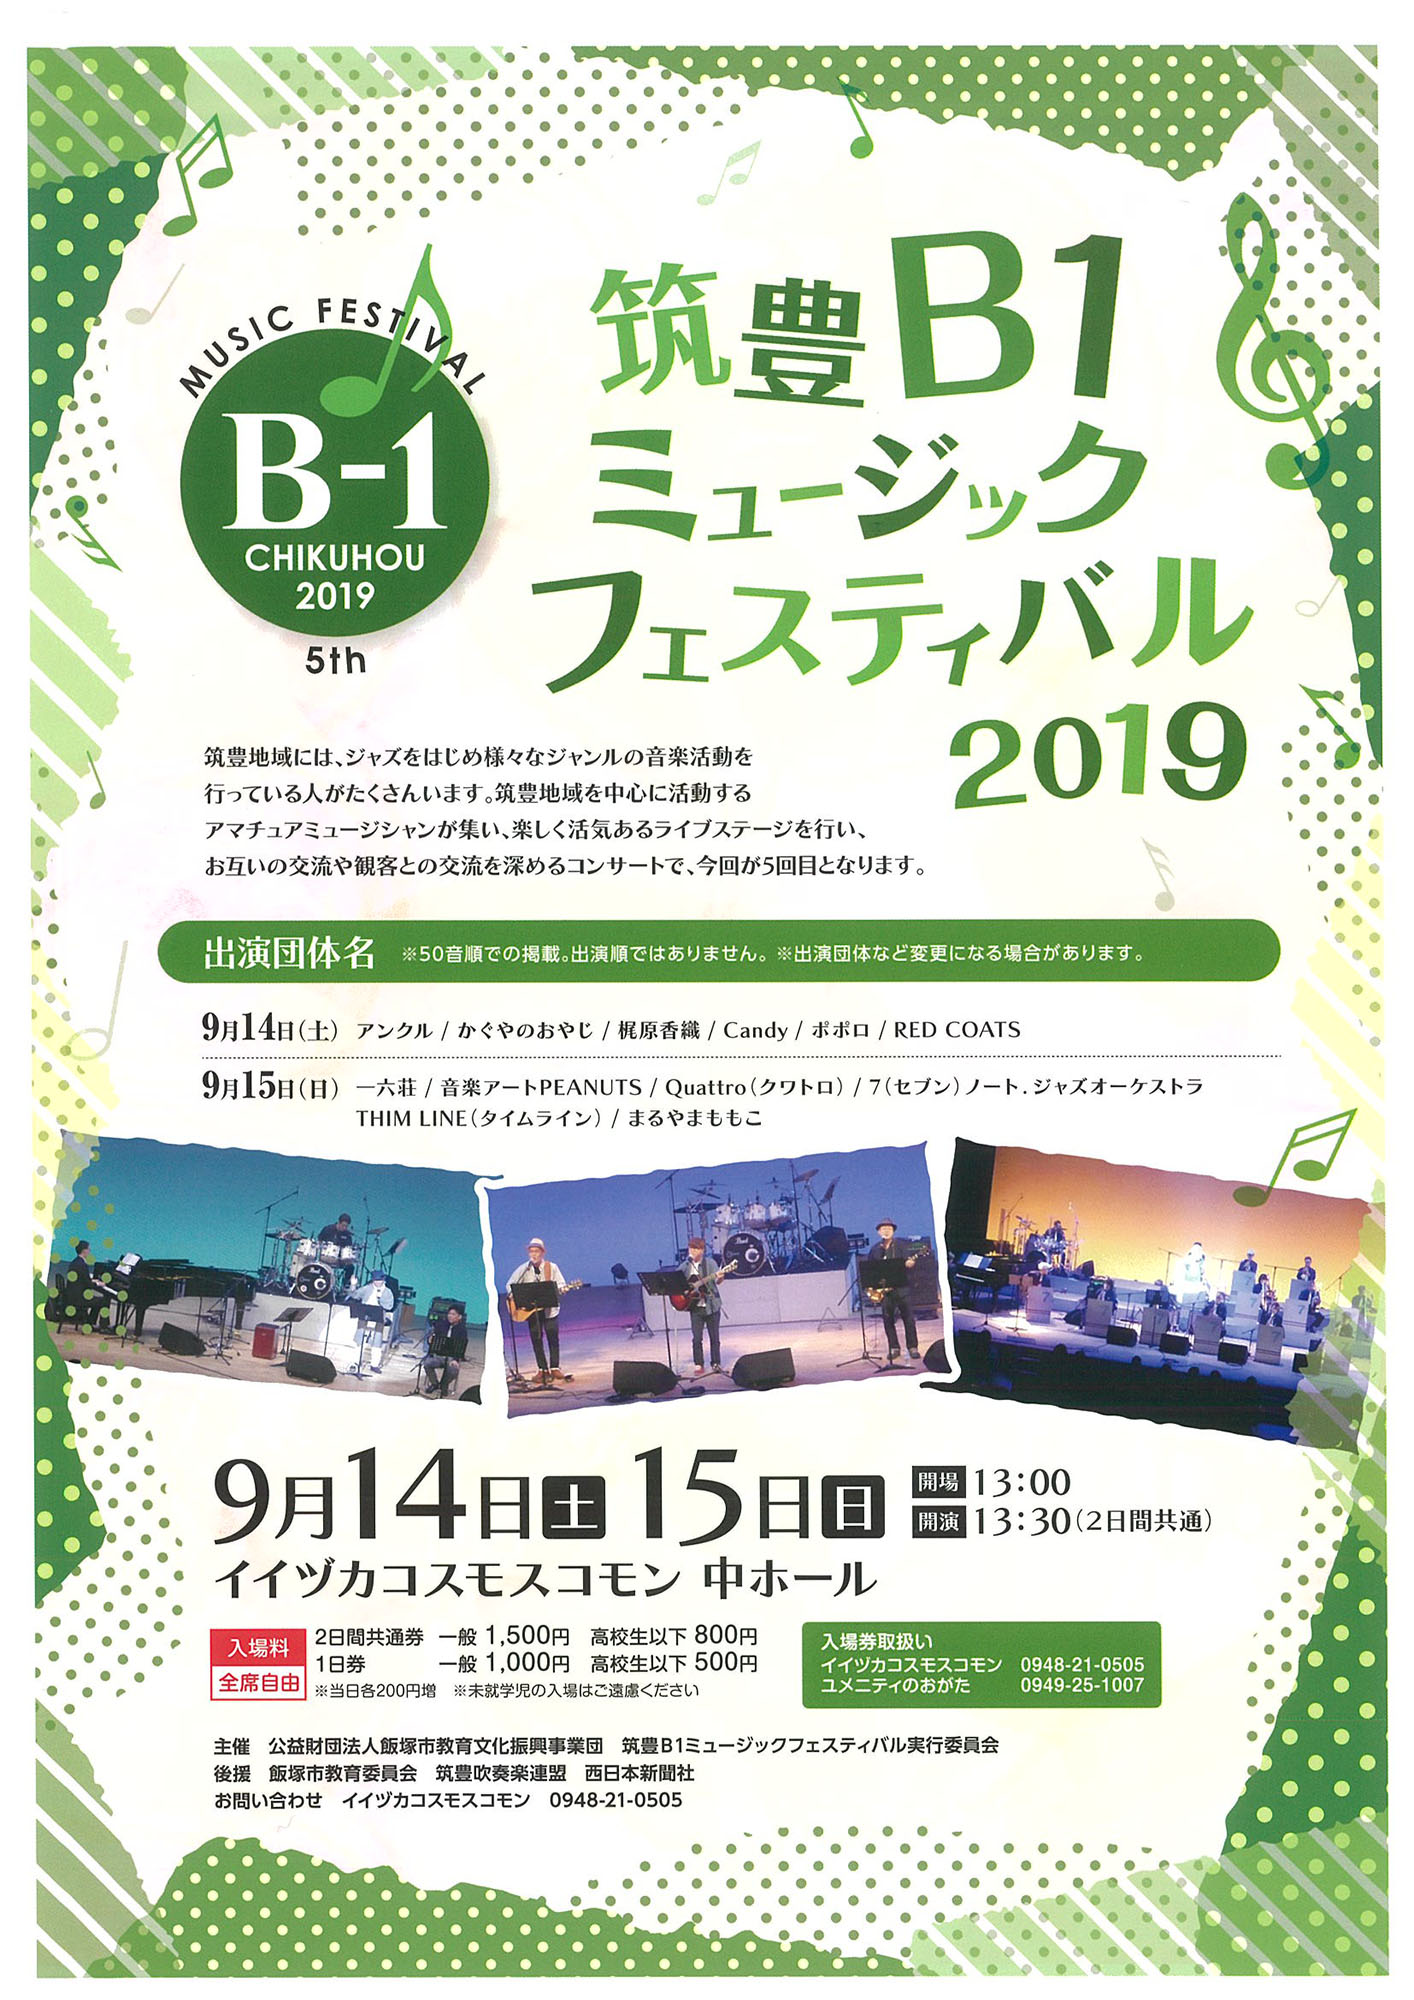 2019_chikuho_B1_music_festival